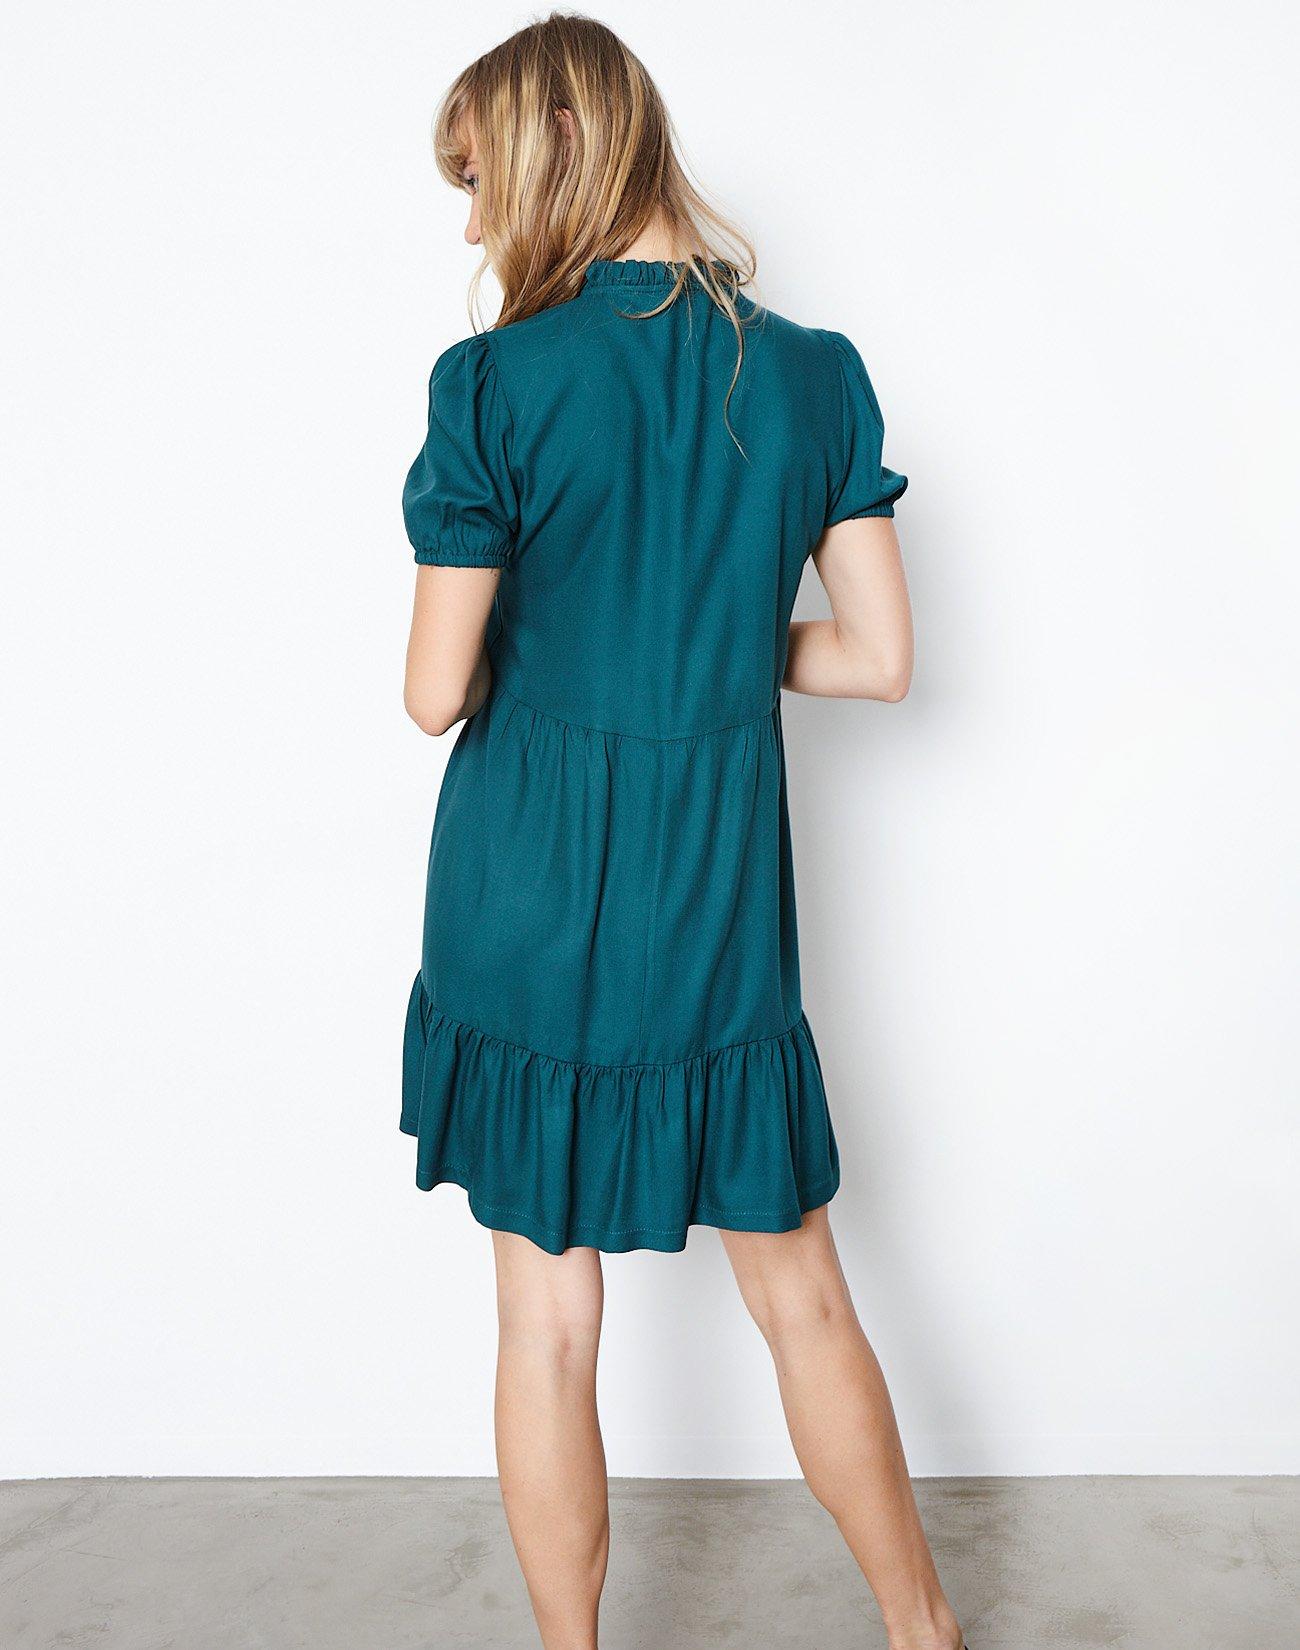 Μίνι φόρεμα με βολάν